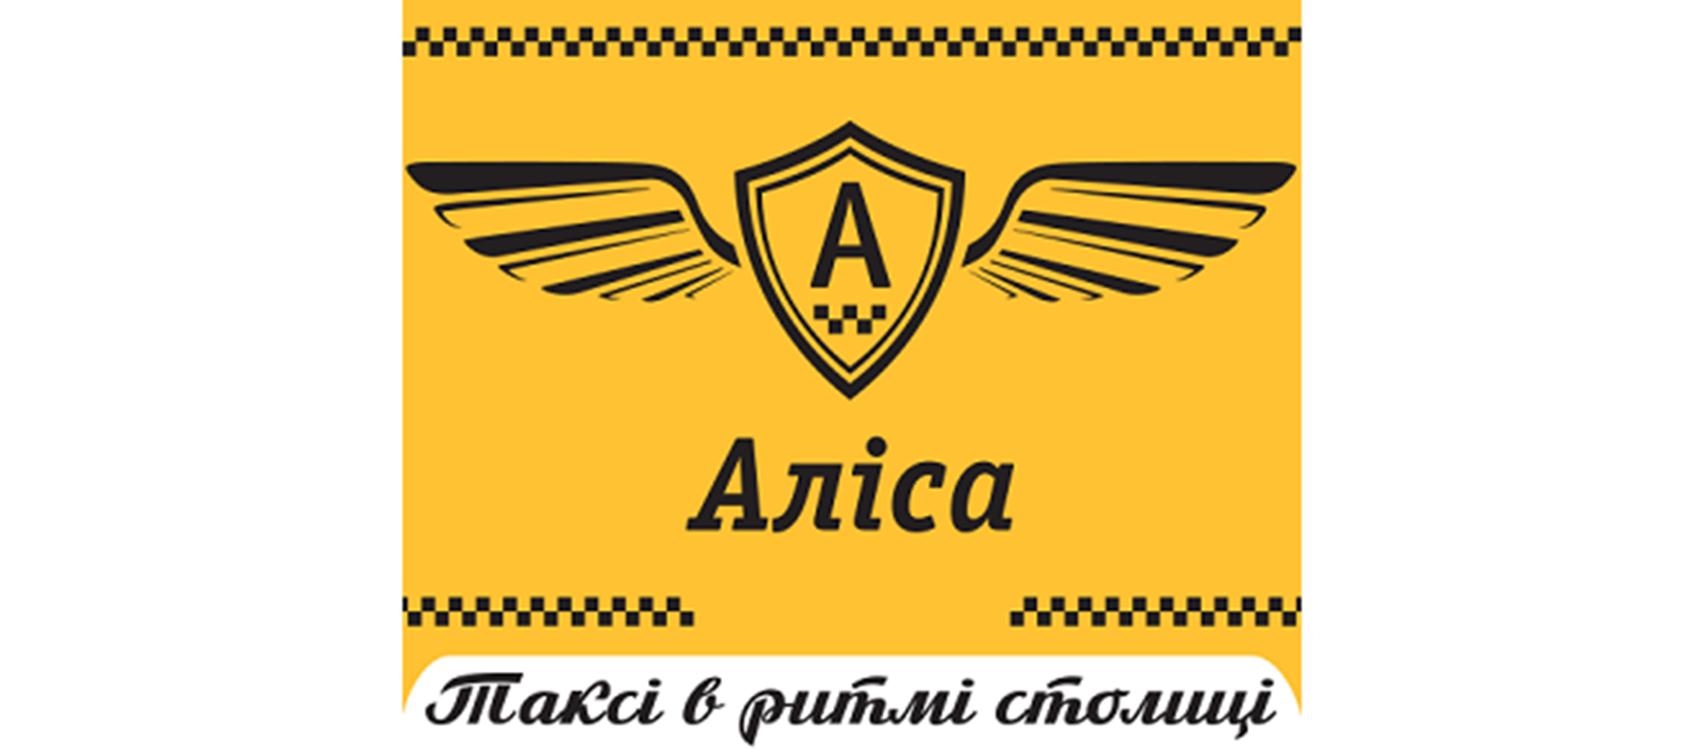 Таксі Аліса Київ (ФОП Воропаєв О.Ю.) позивні от 5000 до 99999